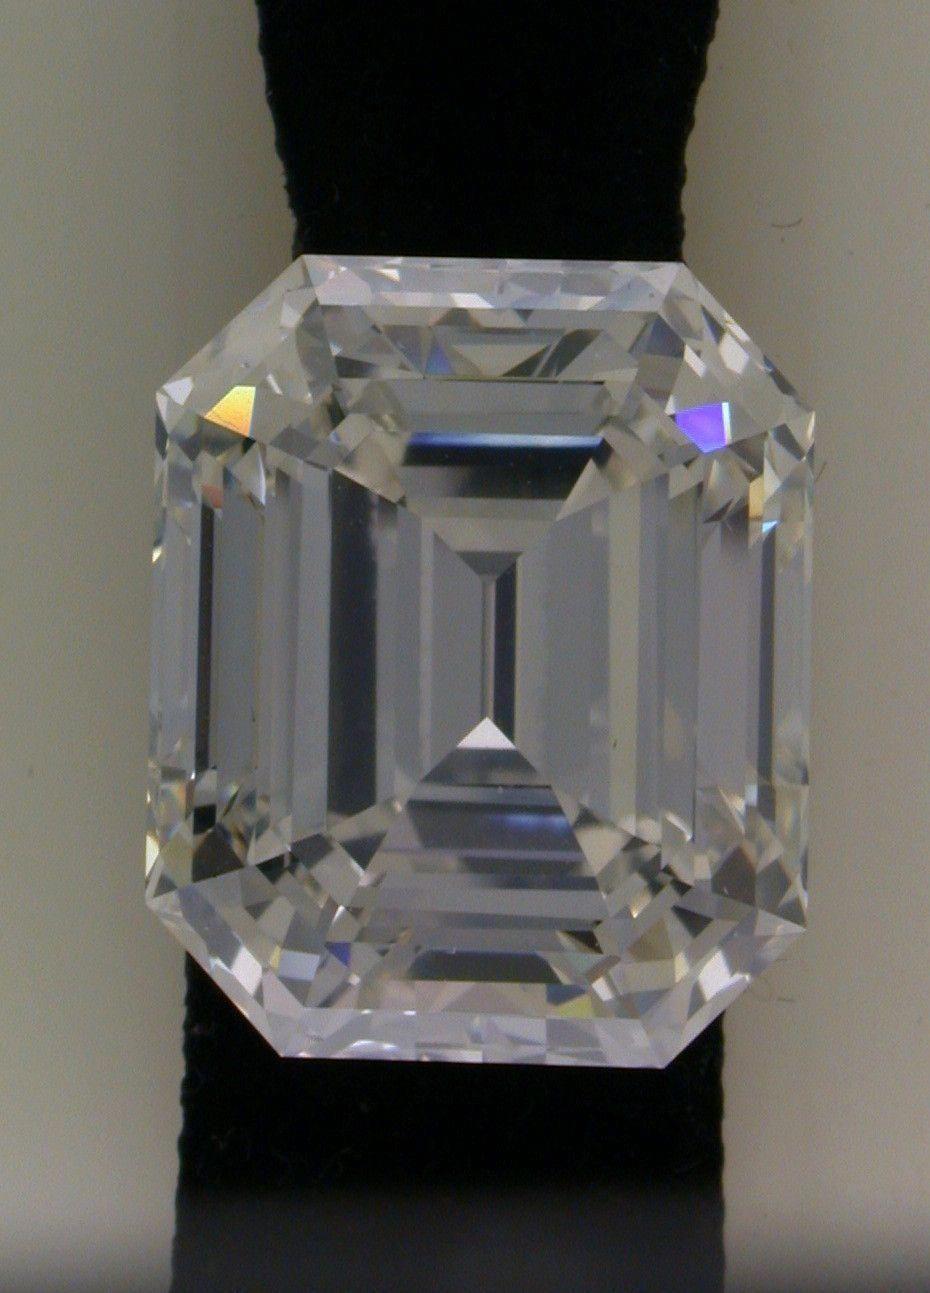 2291ct D If Loose Diamond Emerald Cut Loose Diamond Gia Certified